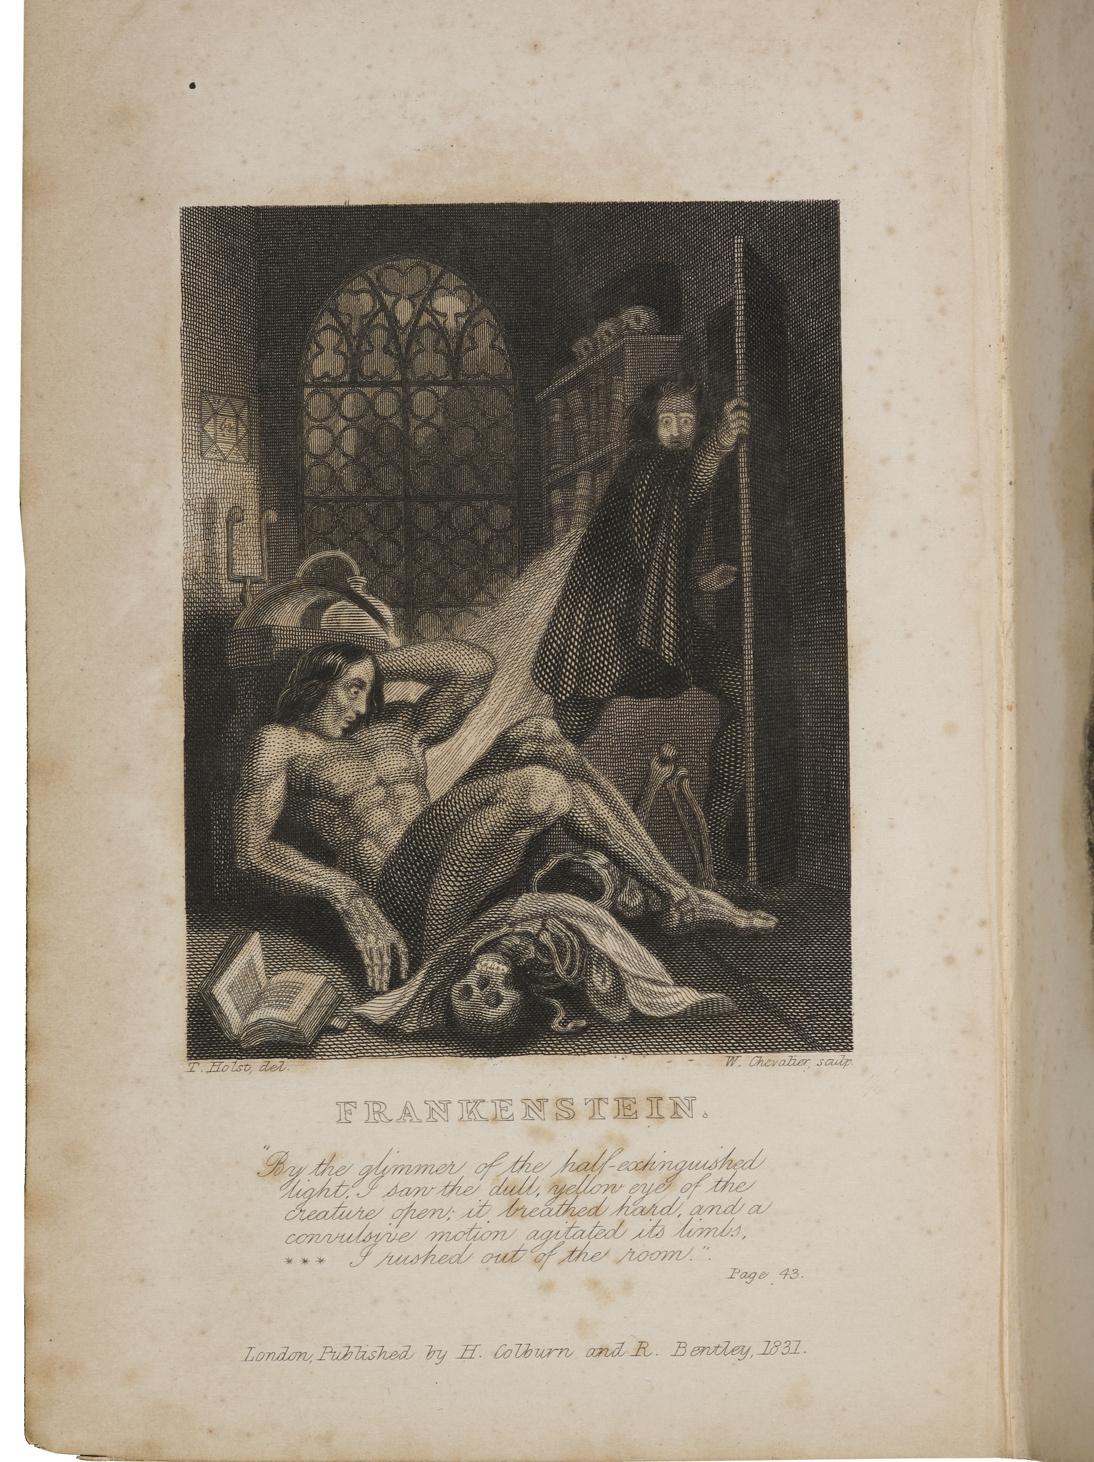 Couverture de l'édition de Frankenstein de 1831. Bodleian-P